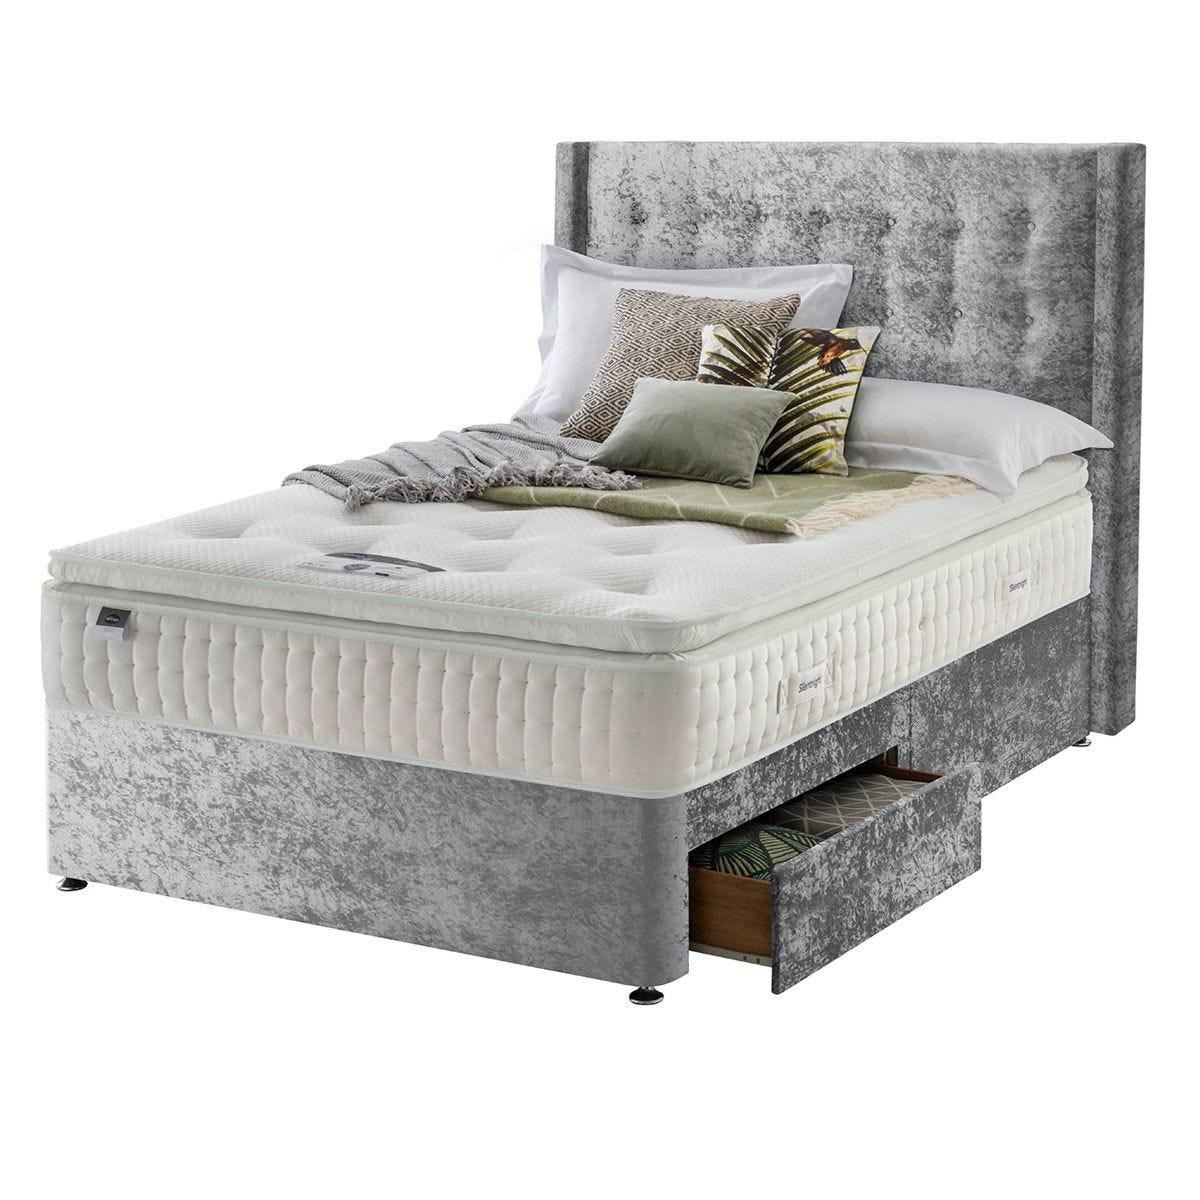 Silentnight Mirapocket Latex 1400 2-Drawer Divan Bed - Crushed Velvet Light Grey